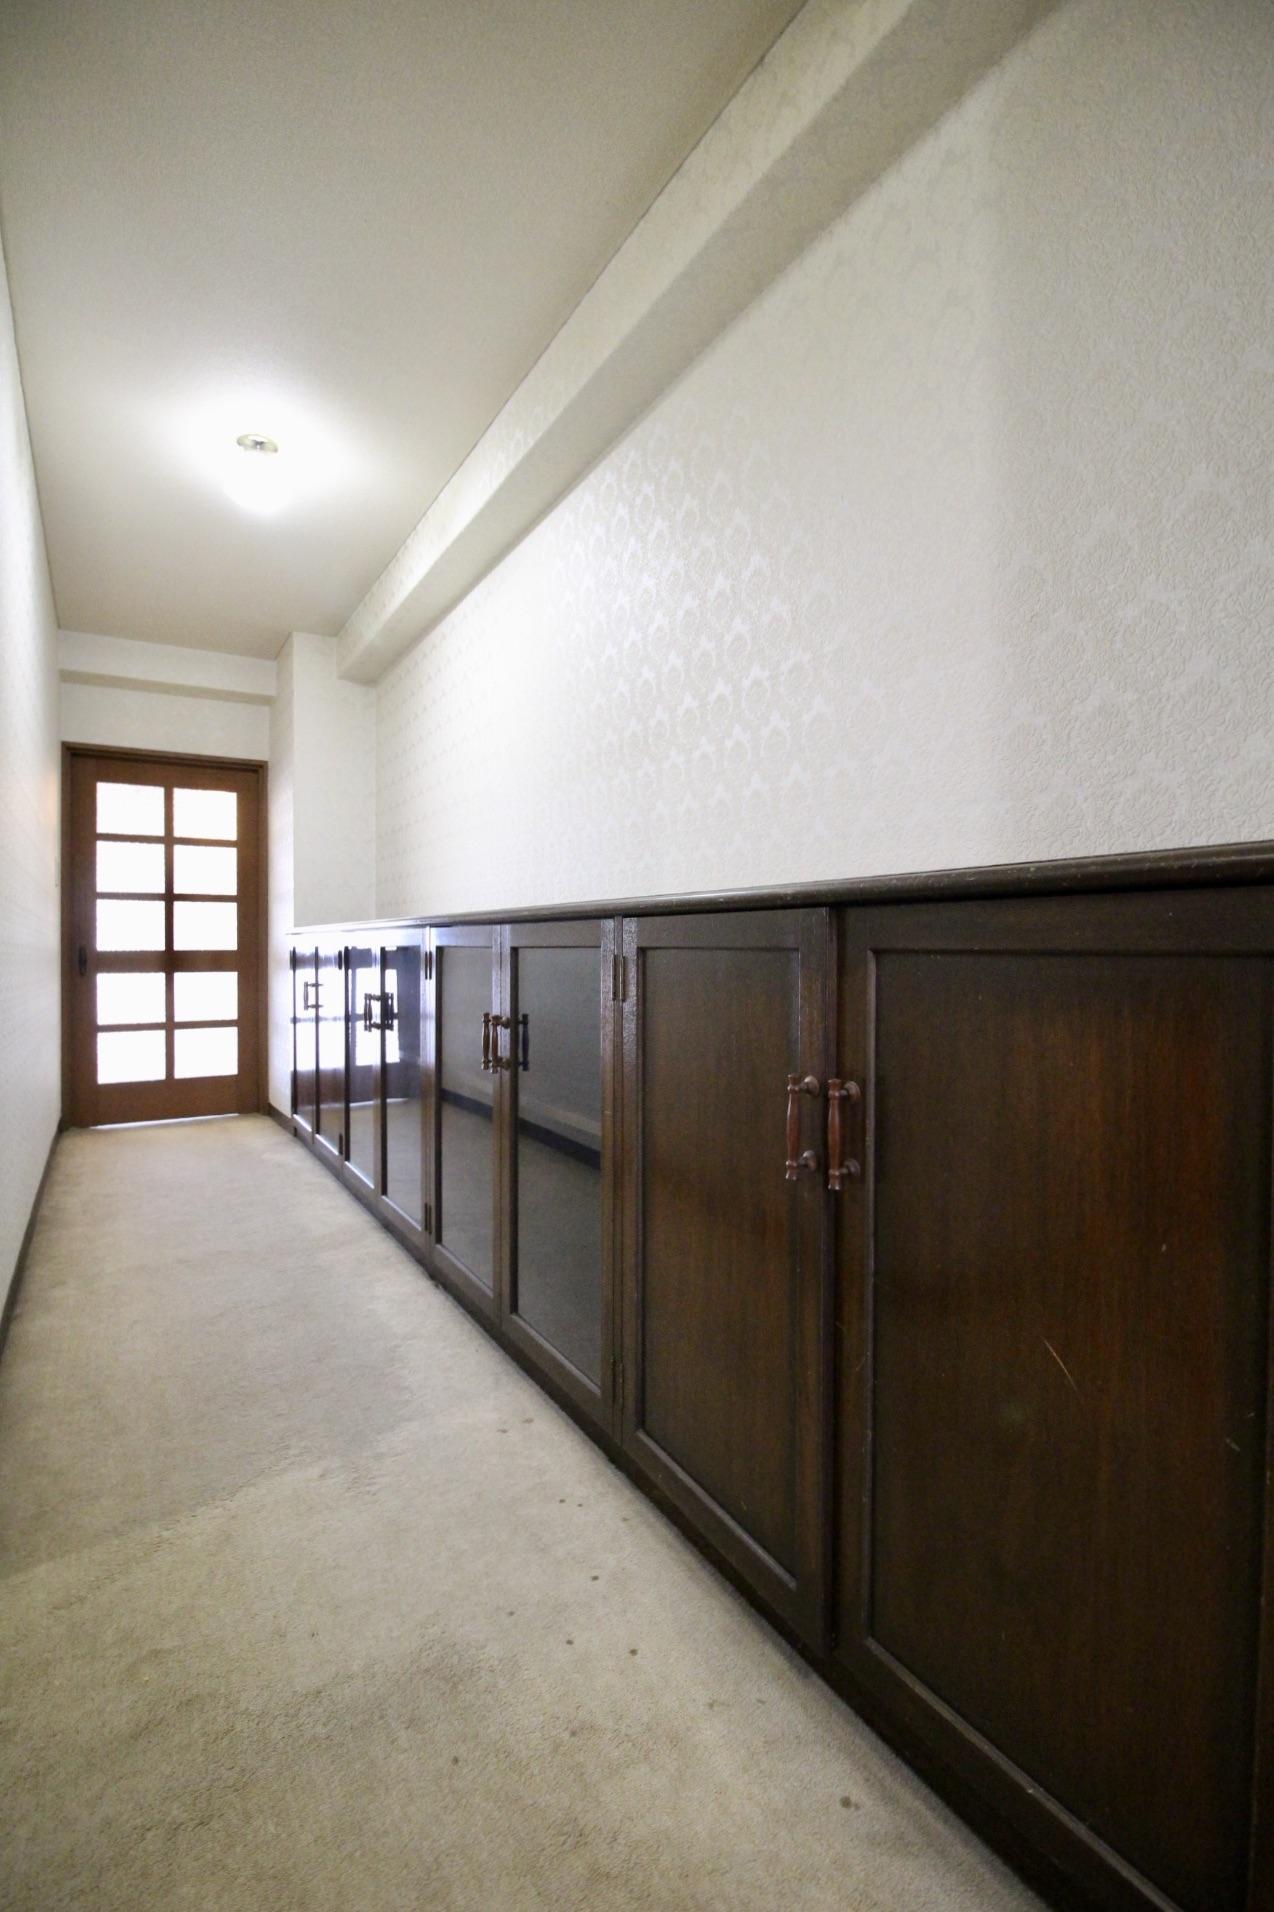 玄関入るとズラリとクラックな収納棚